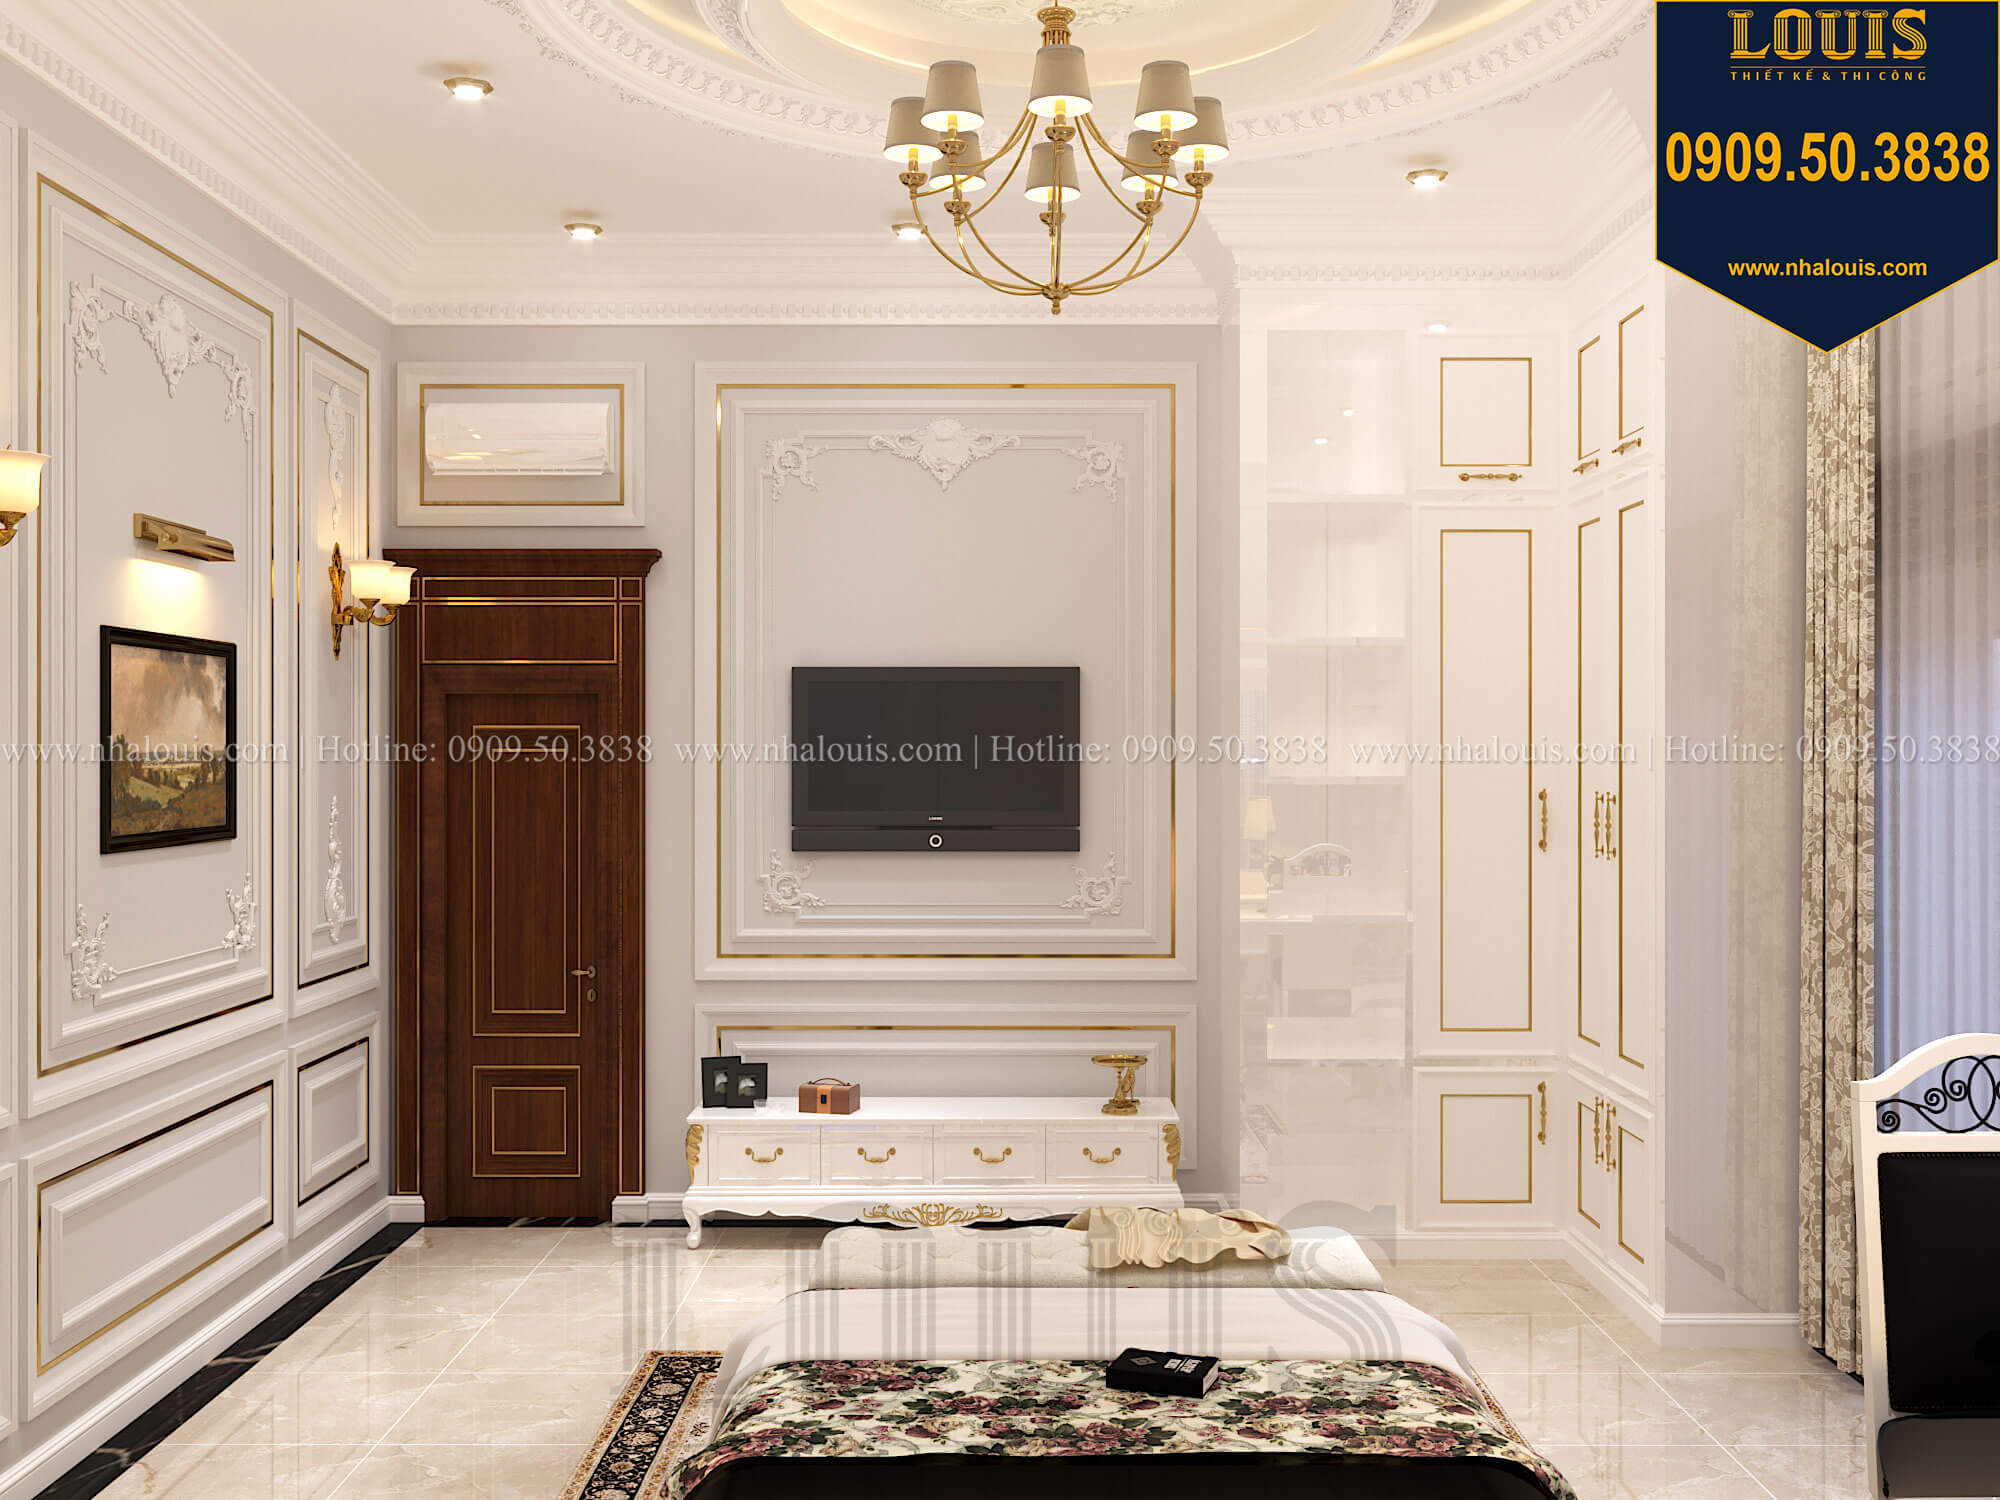 Phòng ngủ con gái Thiết kế biệt thự cổ điển 2 tầng nguy nga và đẳng cấp tại Tây Ninh - 56